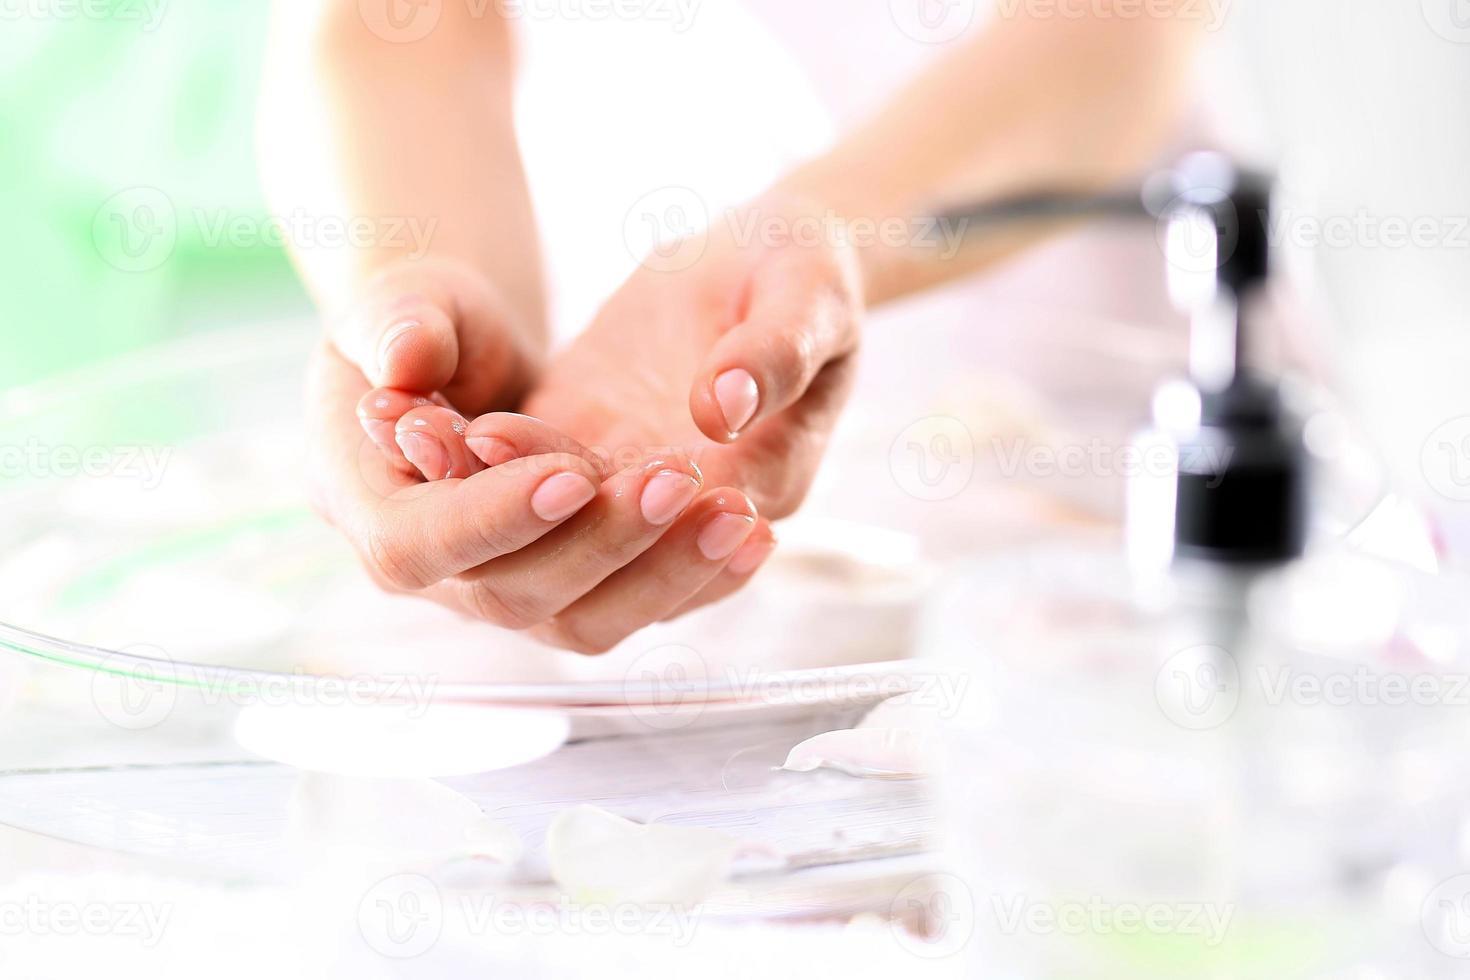 vergeet niet om hun handen te wassen foto